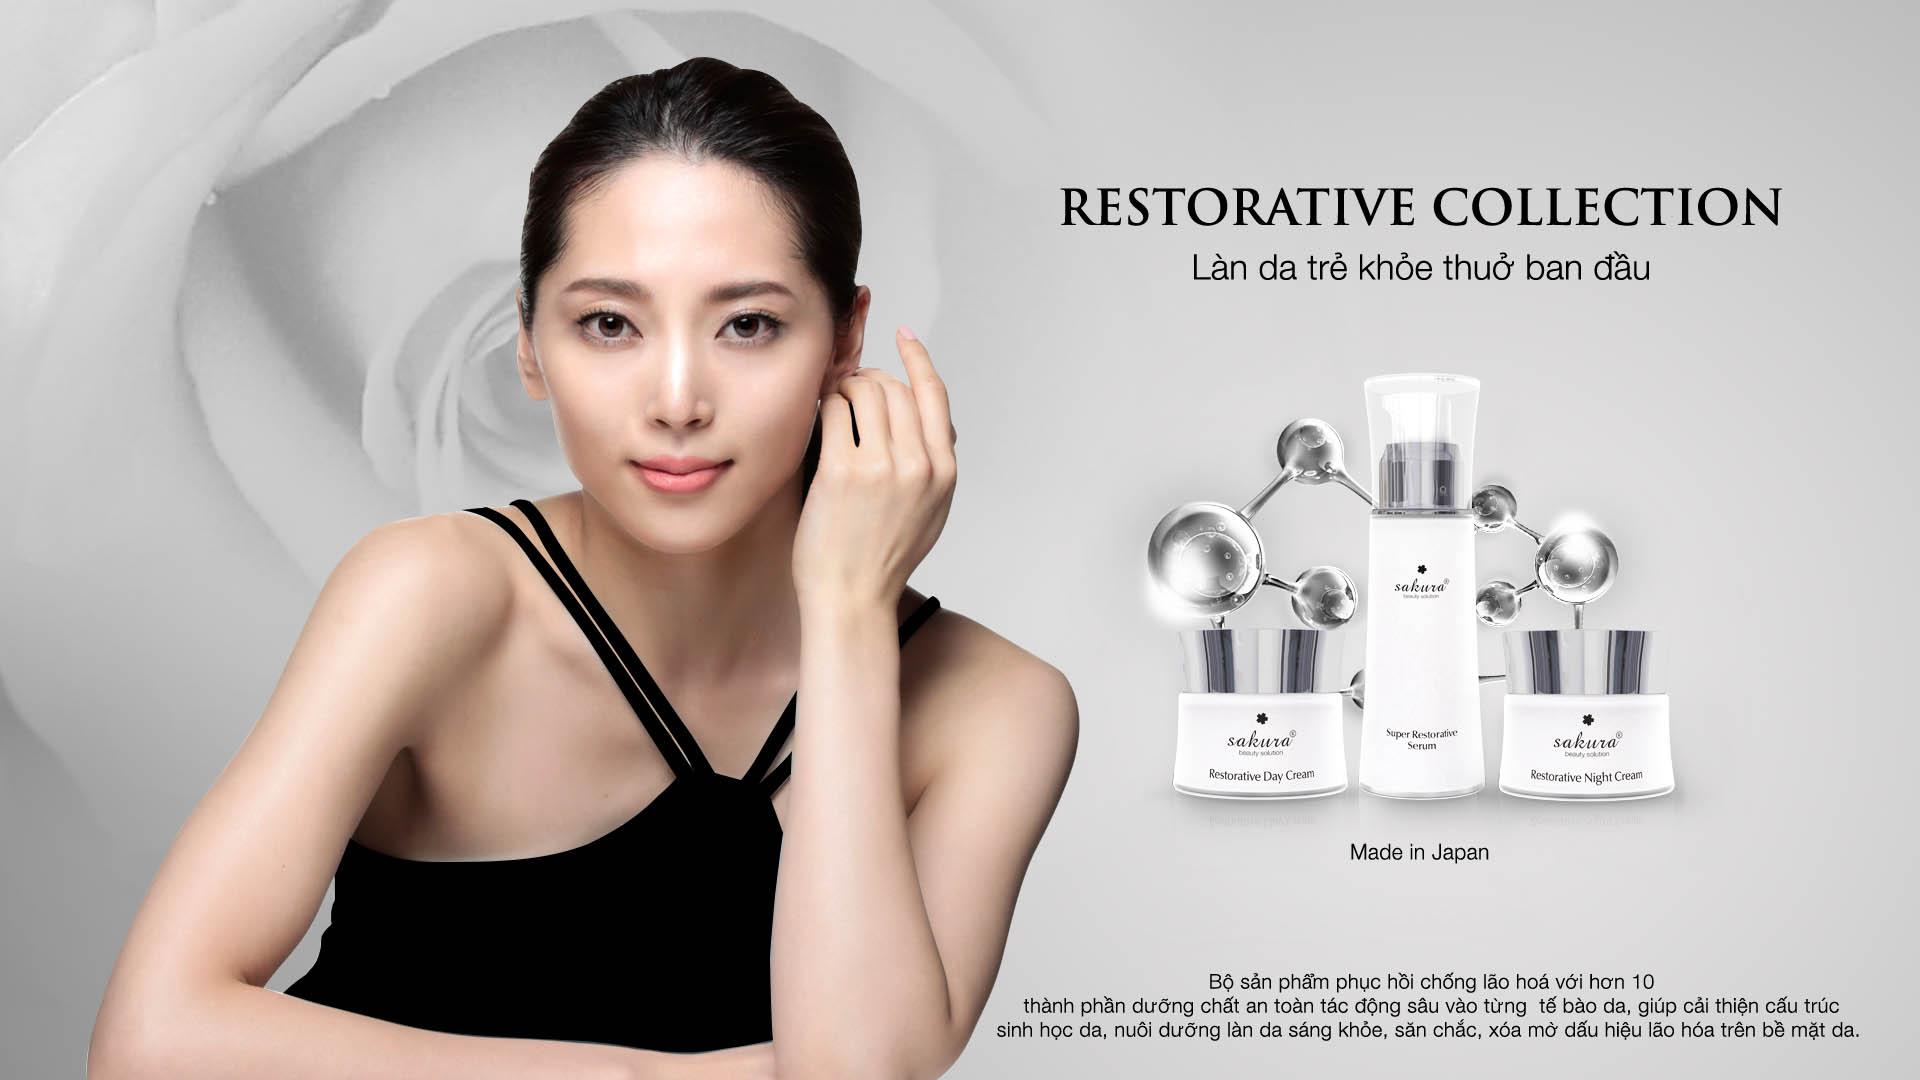 RESTORATIVE COLLECTION bộ sản phẩm chuyên biệt cho làn da hư tổn